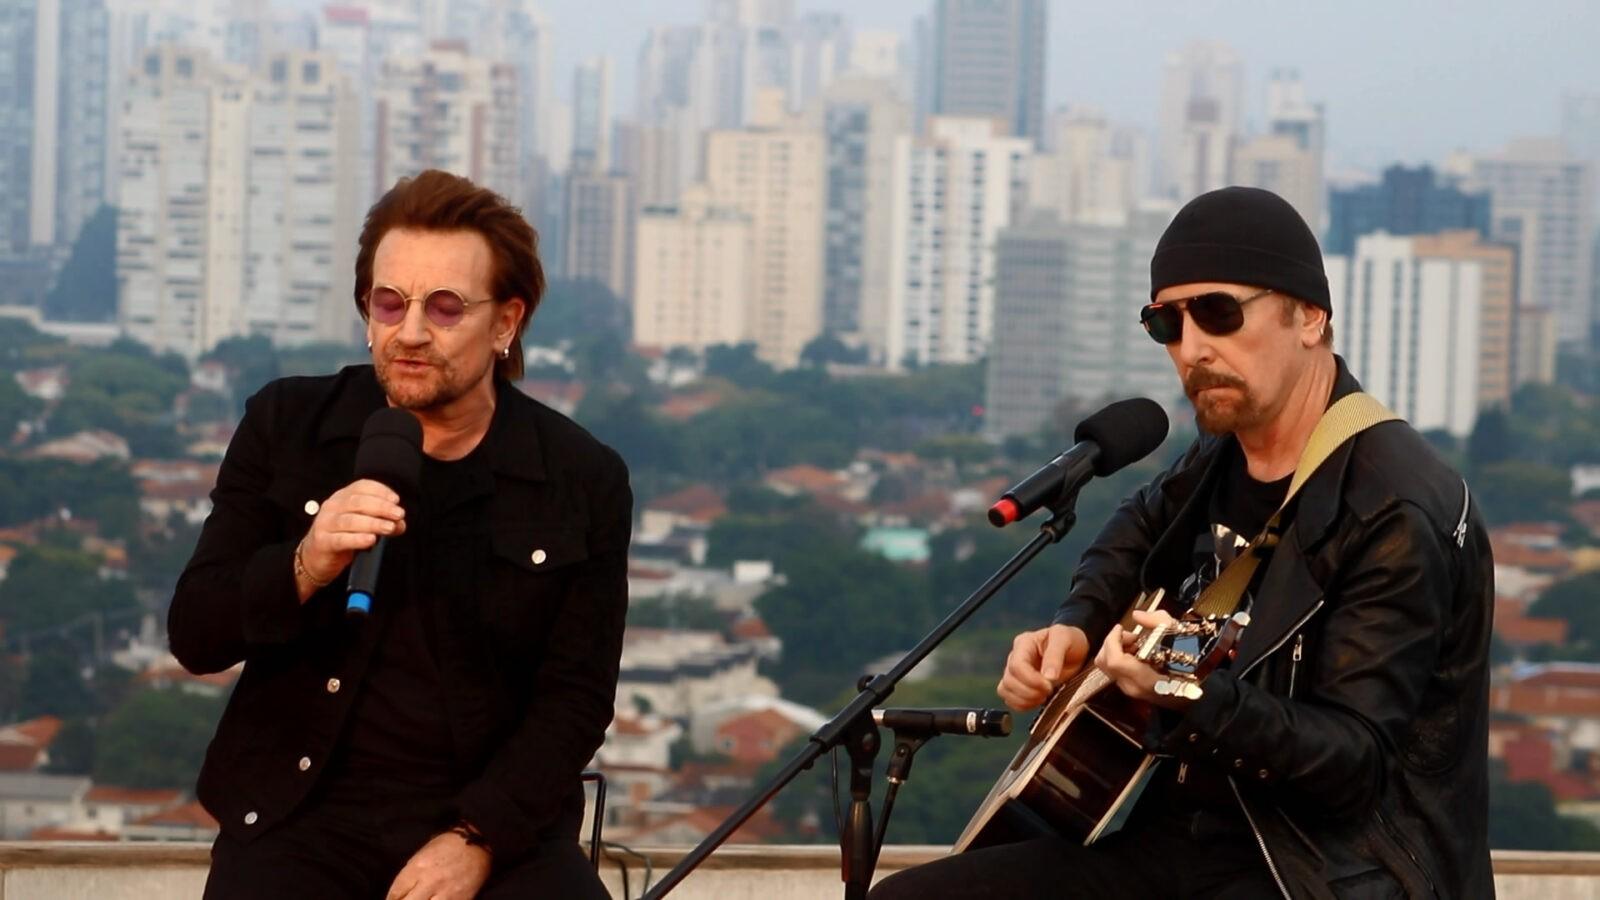 Foto 1: Bono Vox e os músicos do U2 fazem pocket show no 'Fantástico' deste domingo. Crédito: Globo/ Felipe Martini